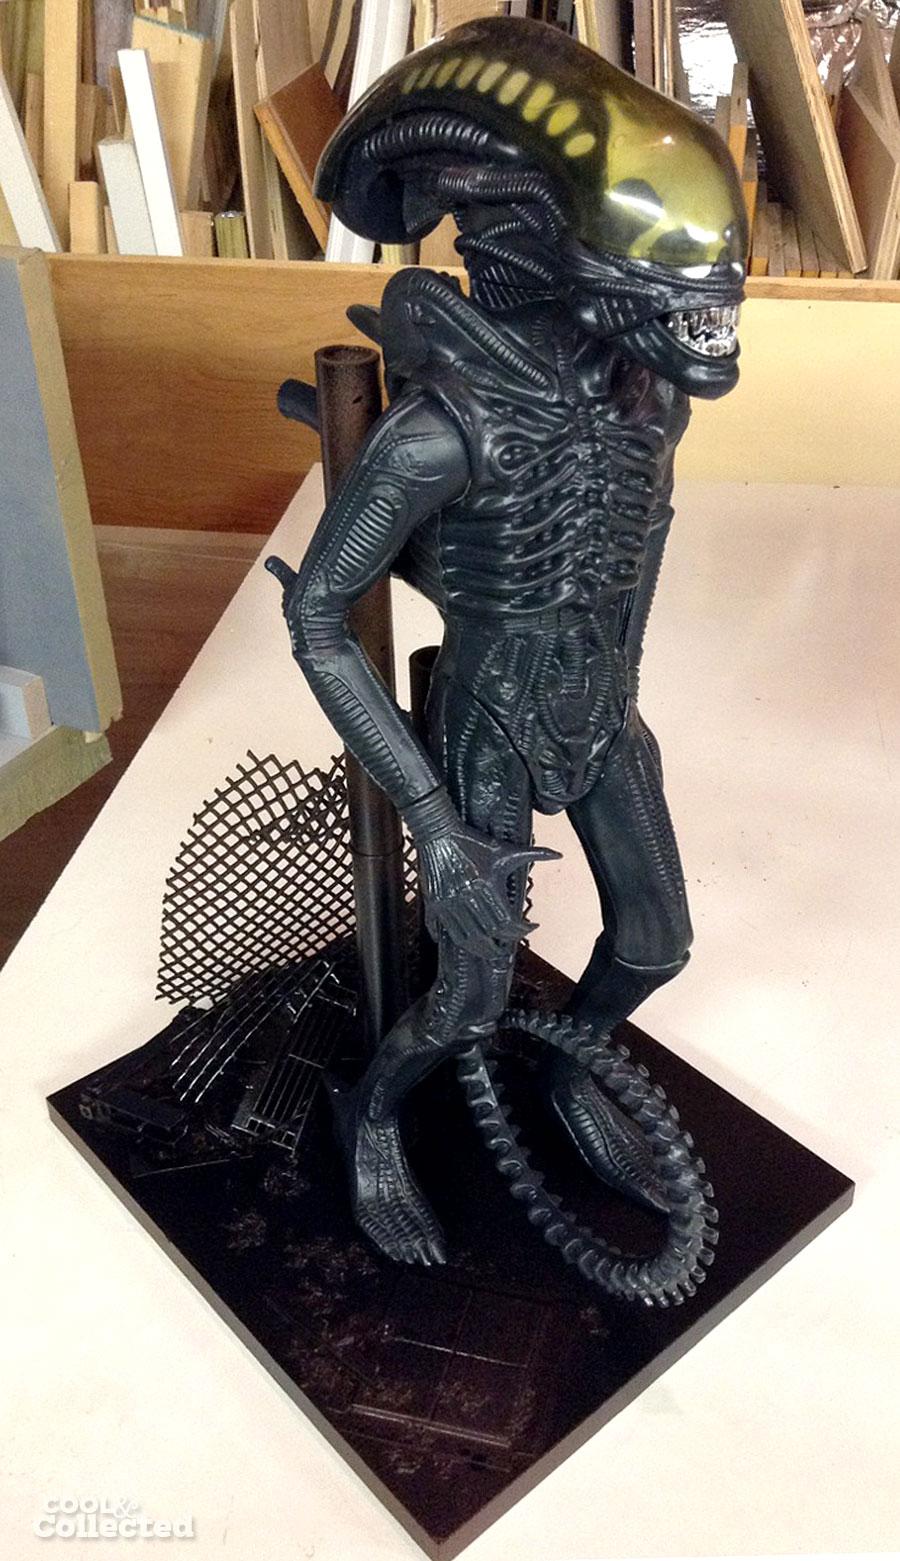 kenner-alien-diorama-stand-2